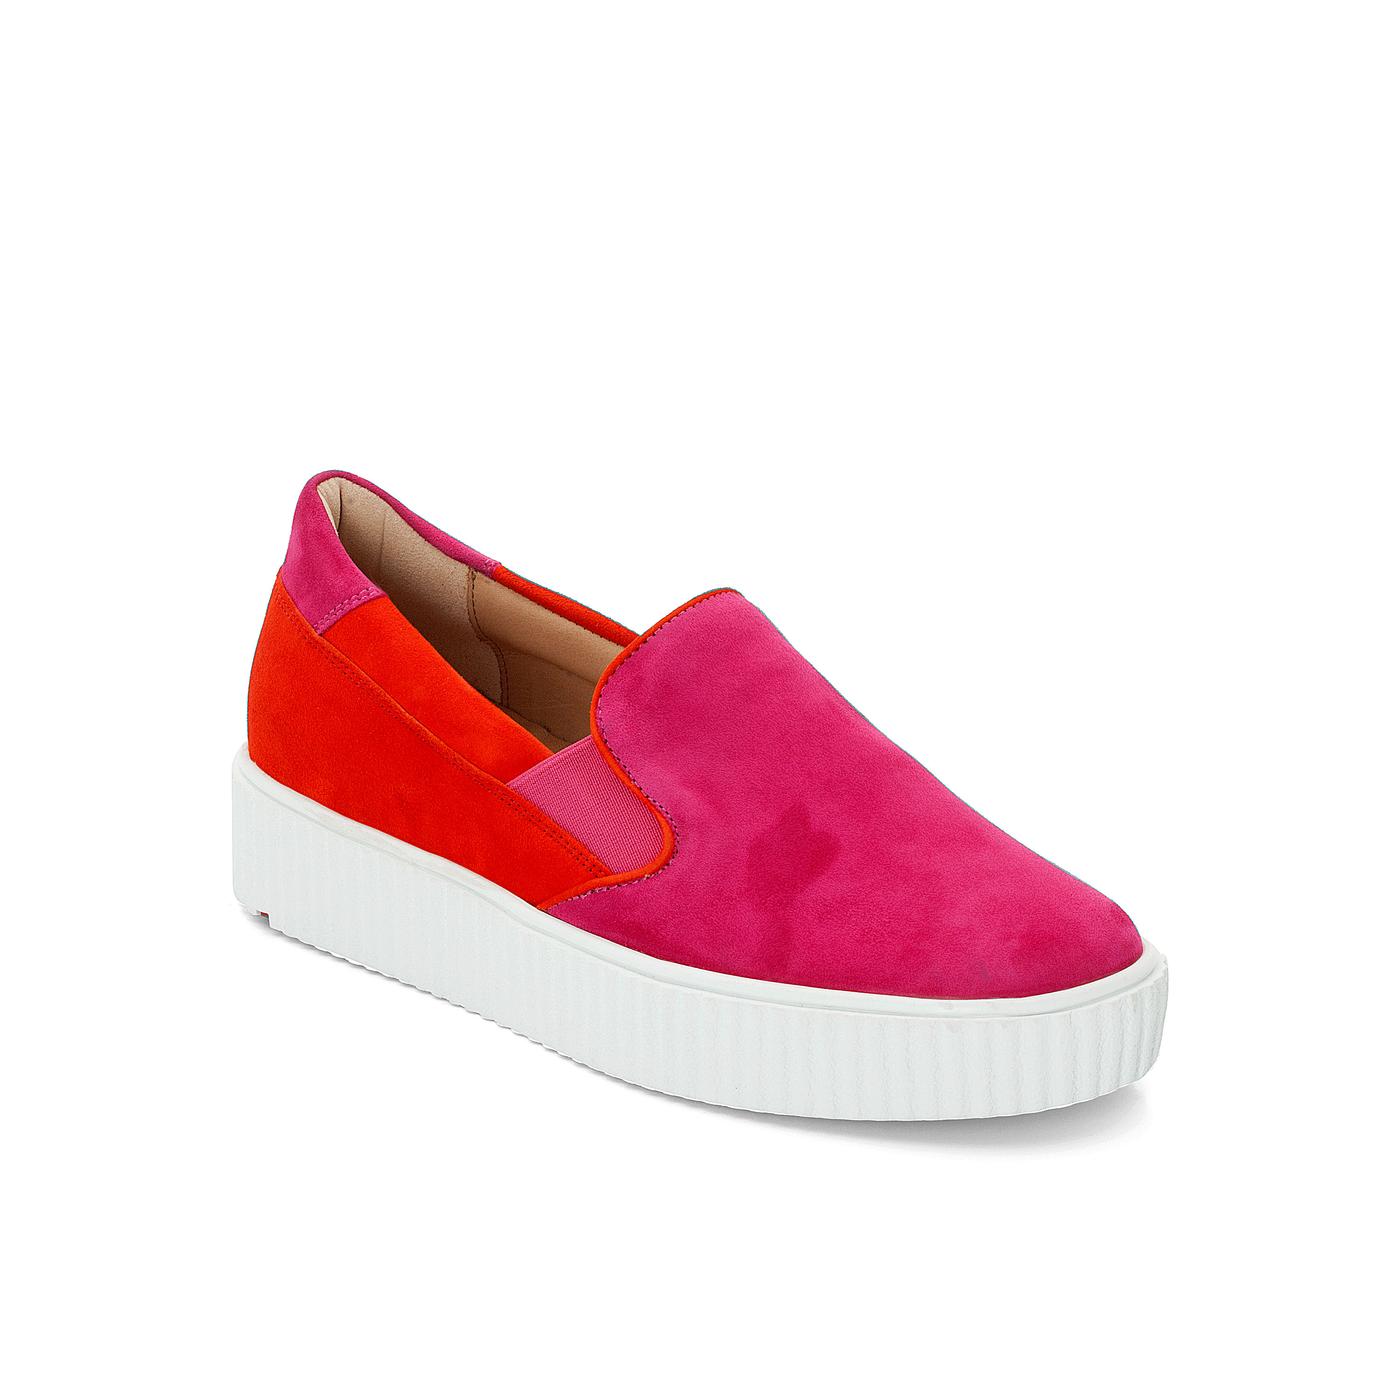 SLIPPER | Schuhe > Slipper | Cup | LLOYD